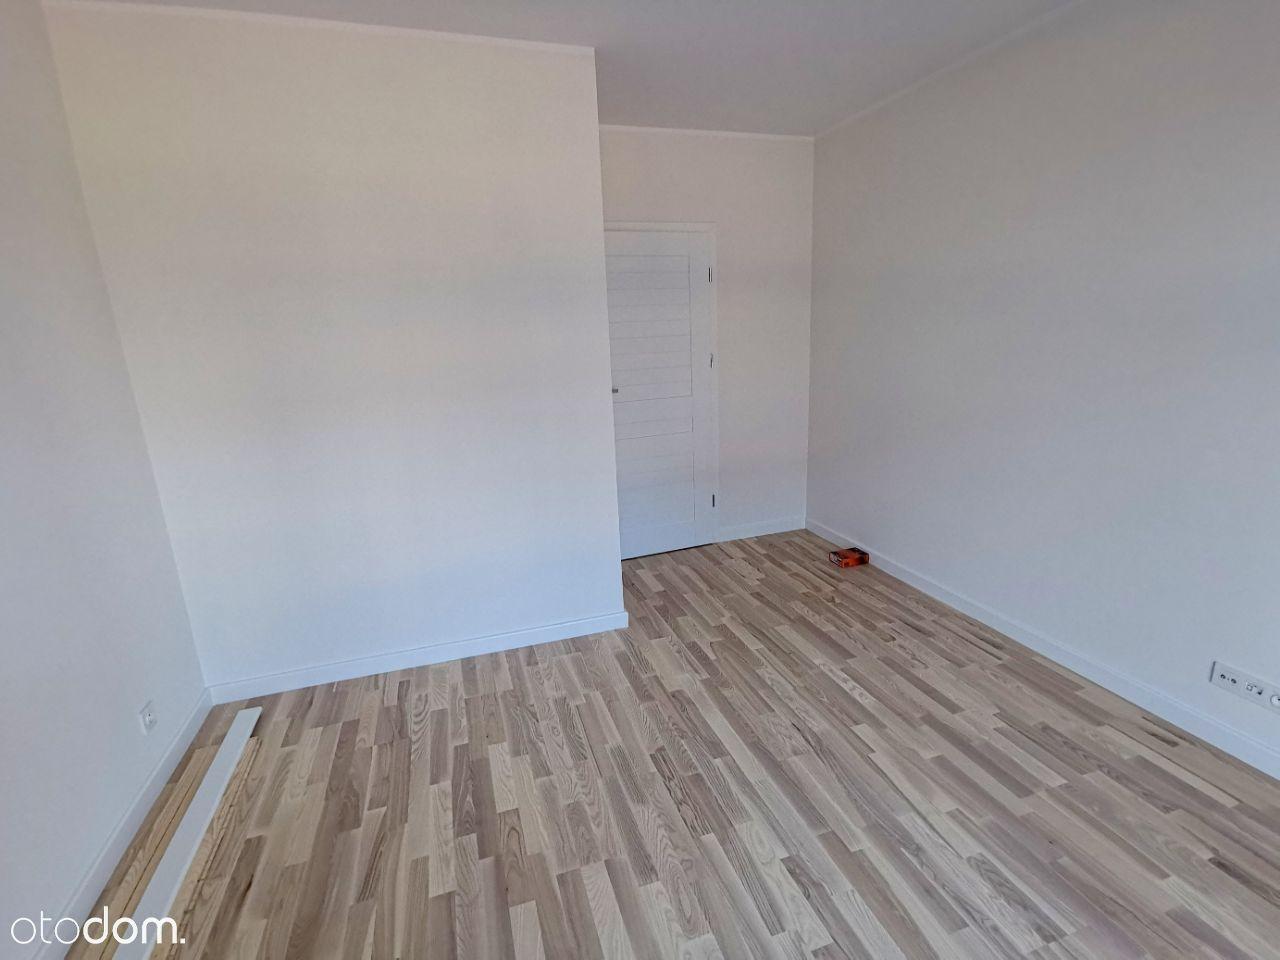 *Nowe 2 pokoje* -> Idealne na pierwsze mieszkanie